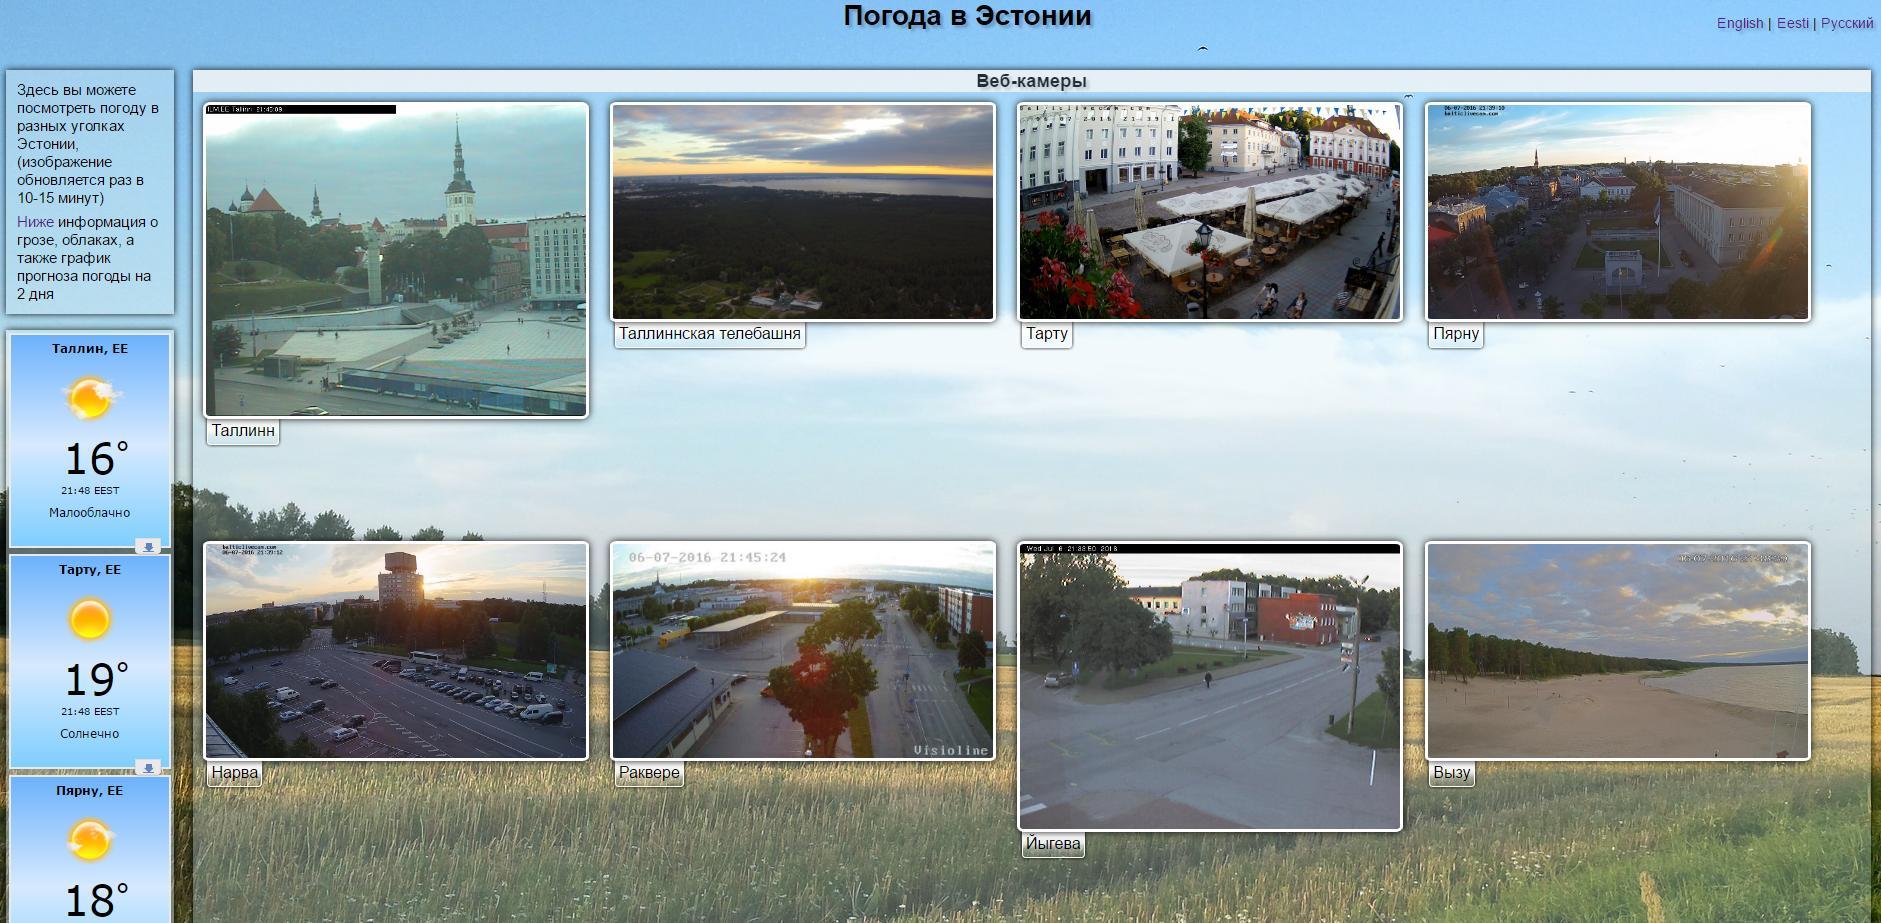 Веб-камеры Эстонии